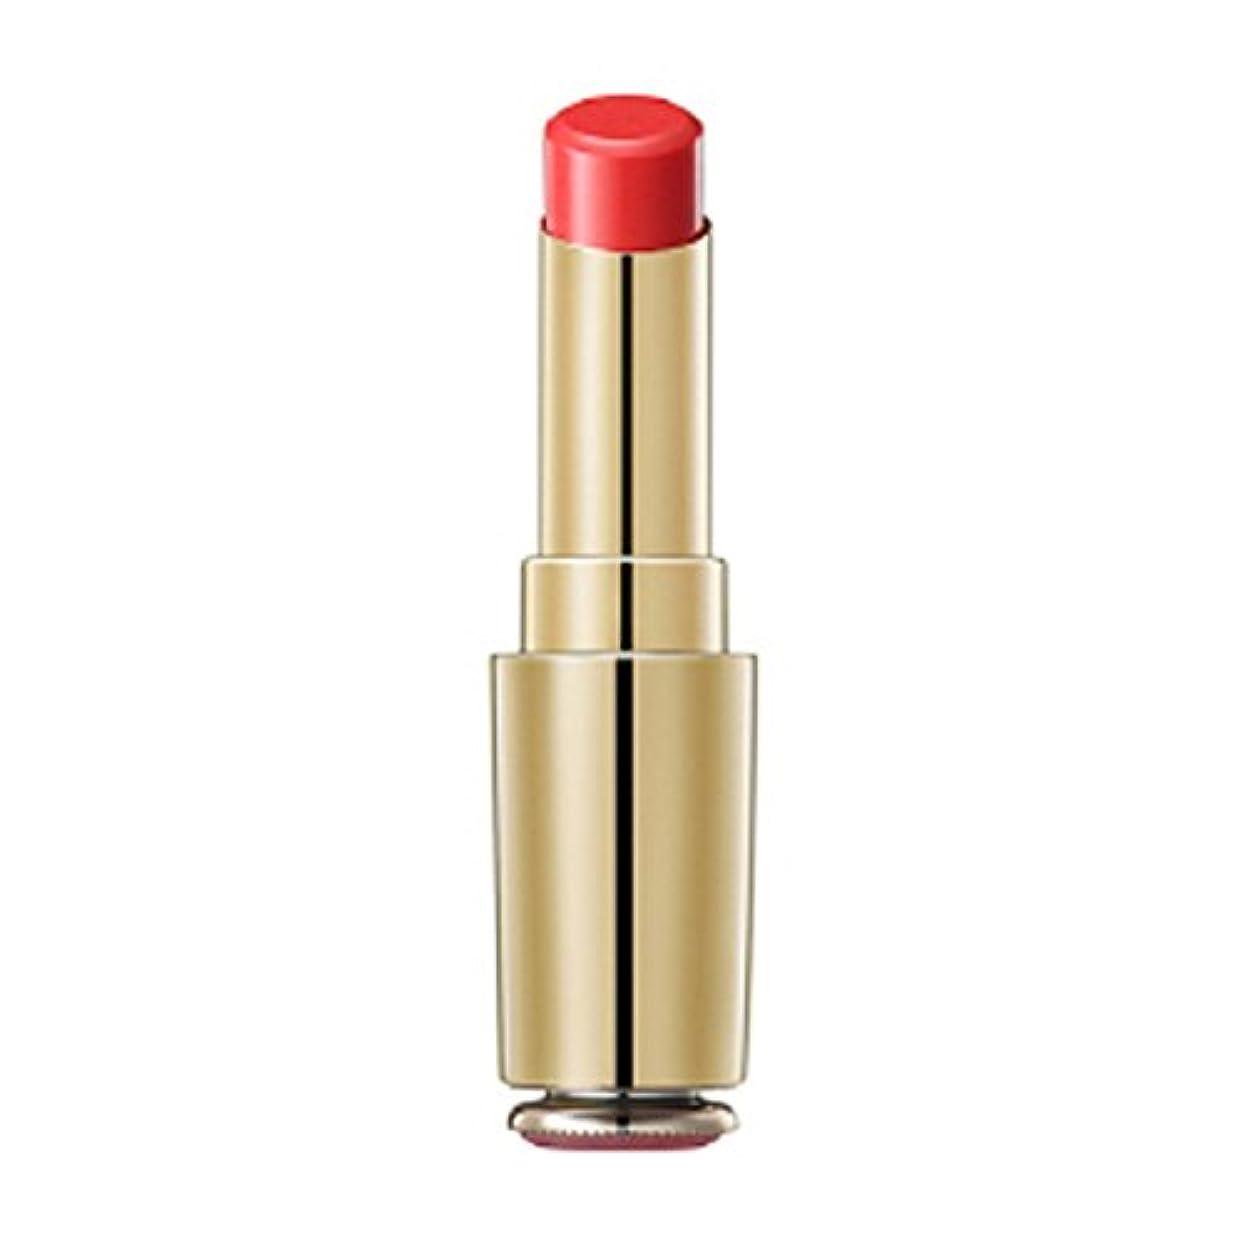 バンク安全自信があるソルファス Essential Lip Serum Stick - # No. 3 Flower Pink 3g/0.1oz並行輸入品